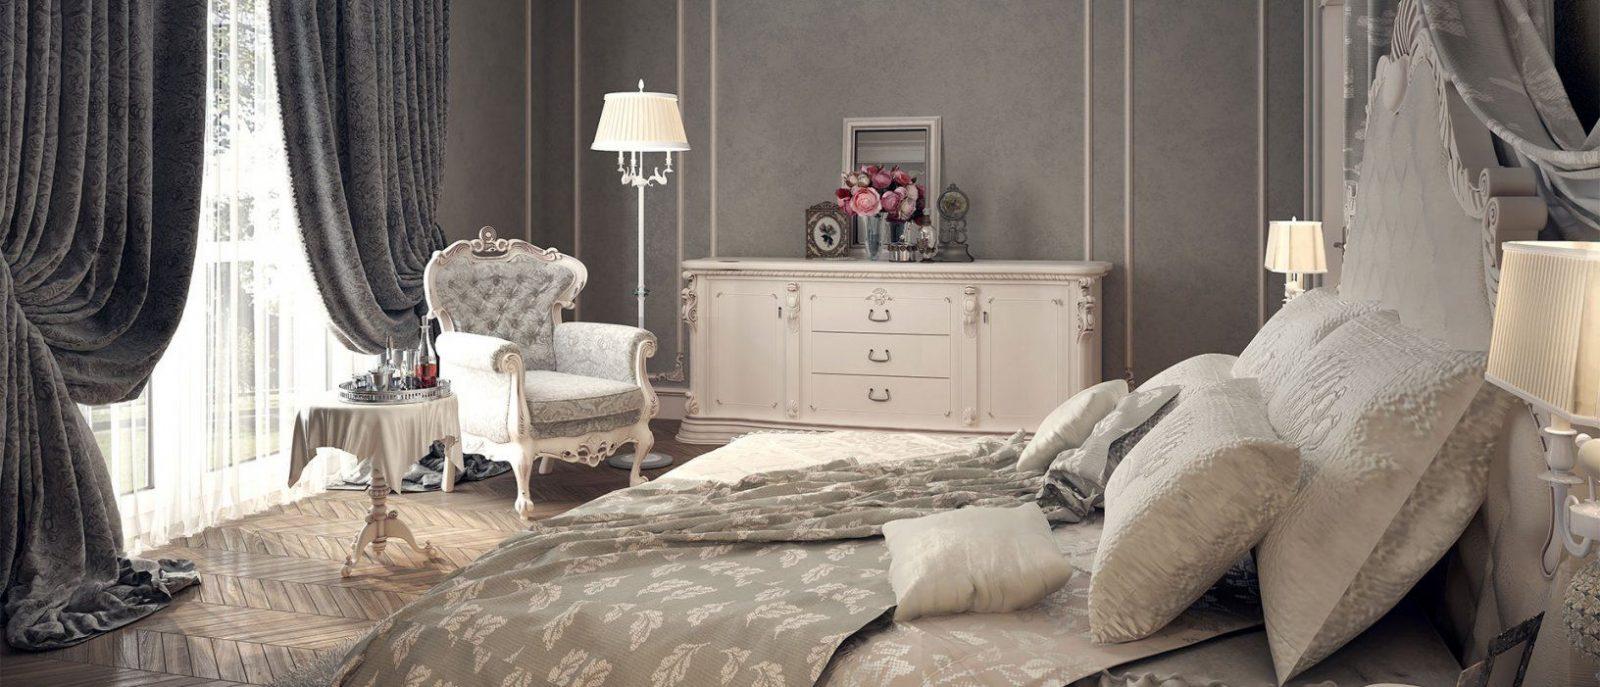 Moderne Schlafzimmer Gardinen Nach Maß  Fensterdeko Nach Maß von Schlafzimmer Gardinen Bilder Photo